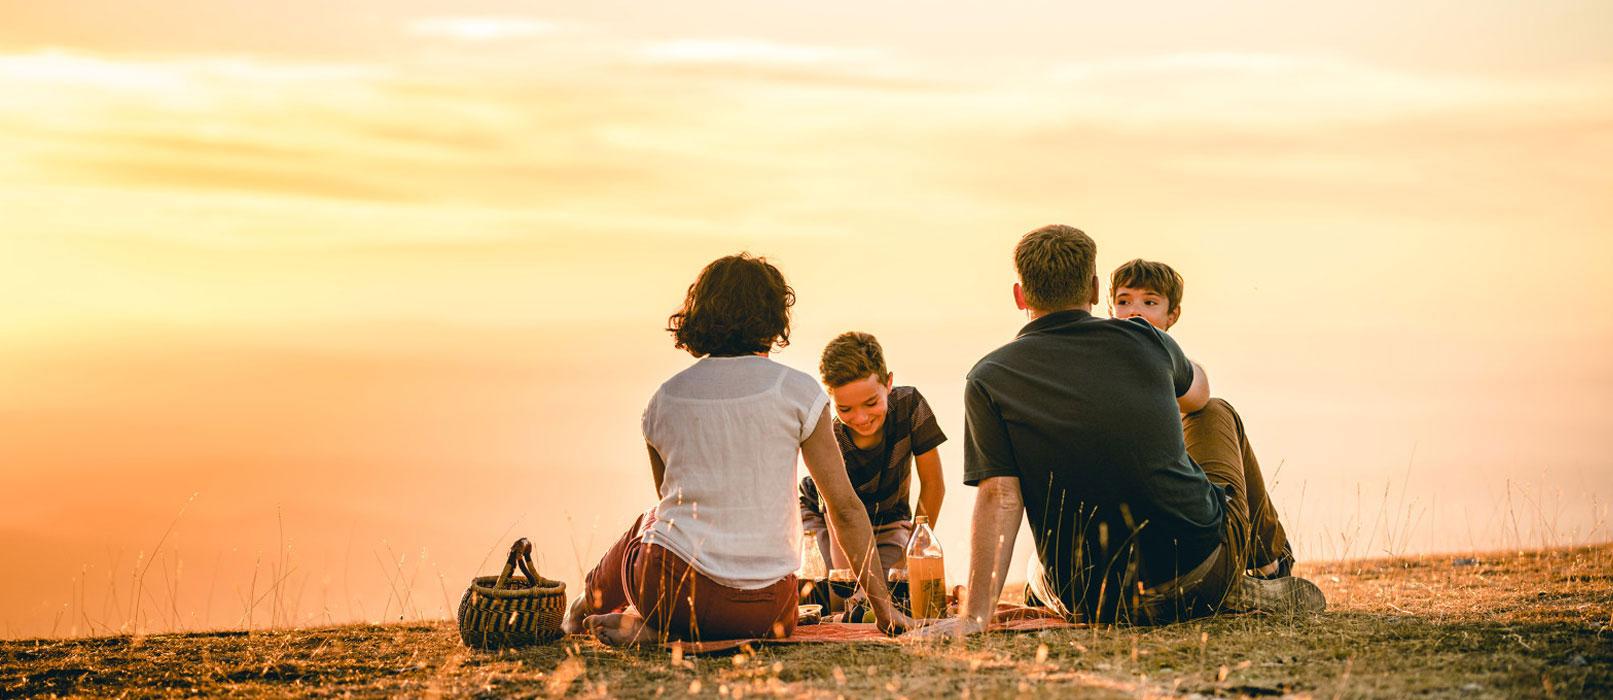 Los mejores lugares para hacer pícnic © O'Brien